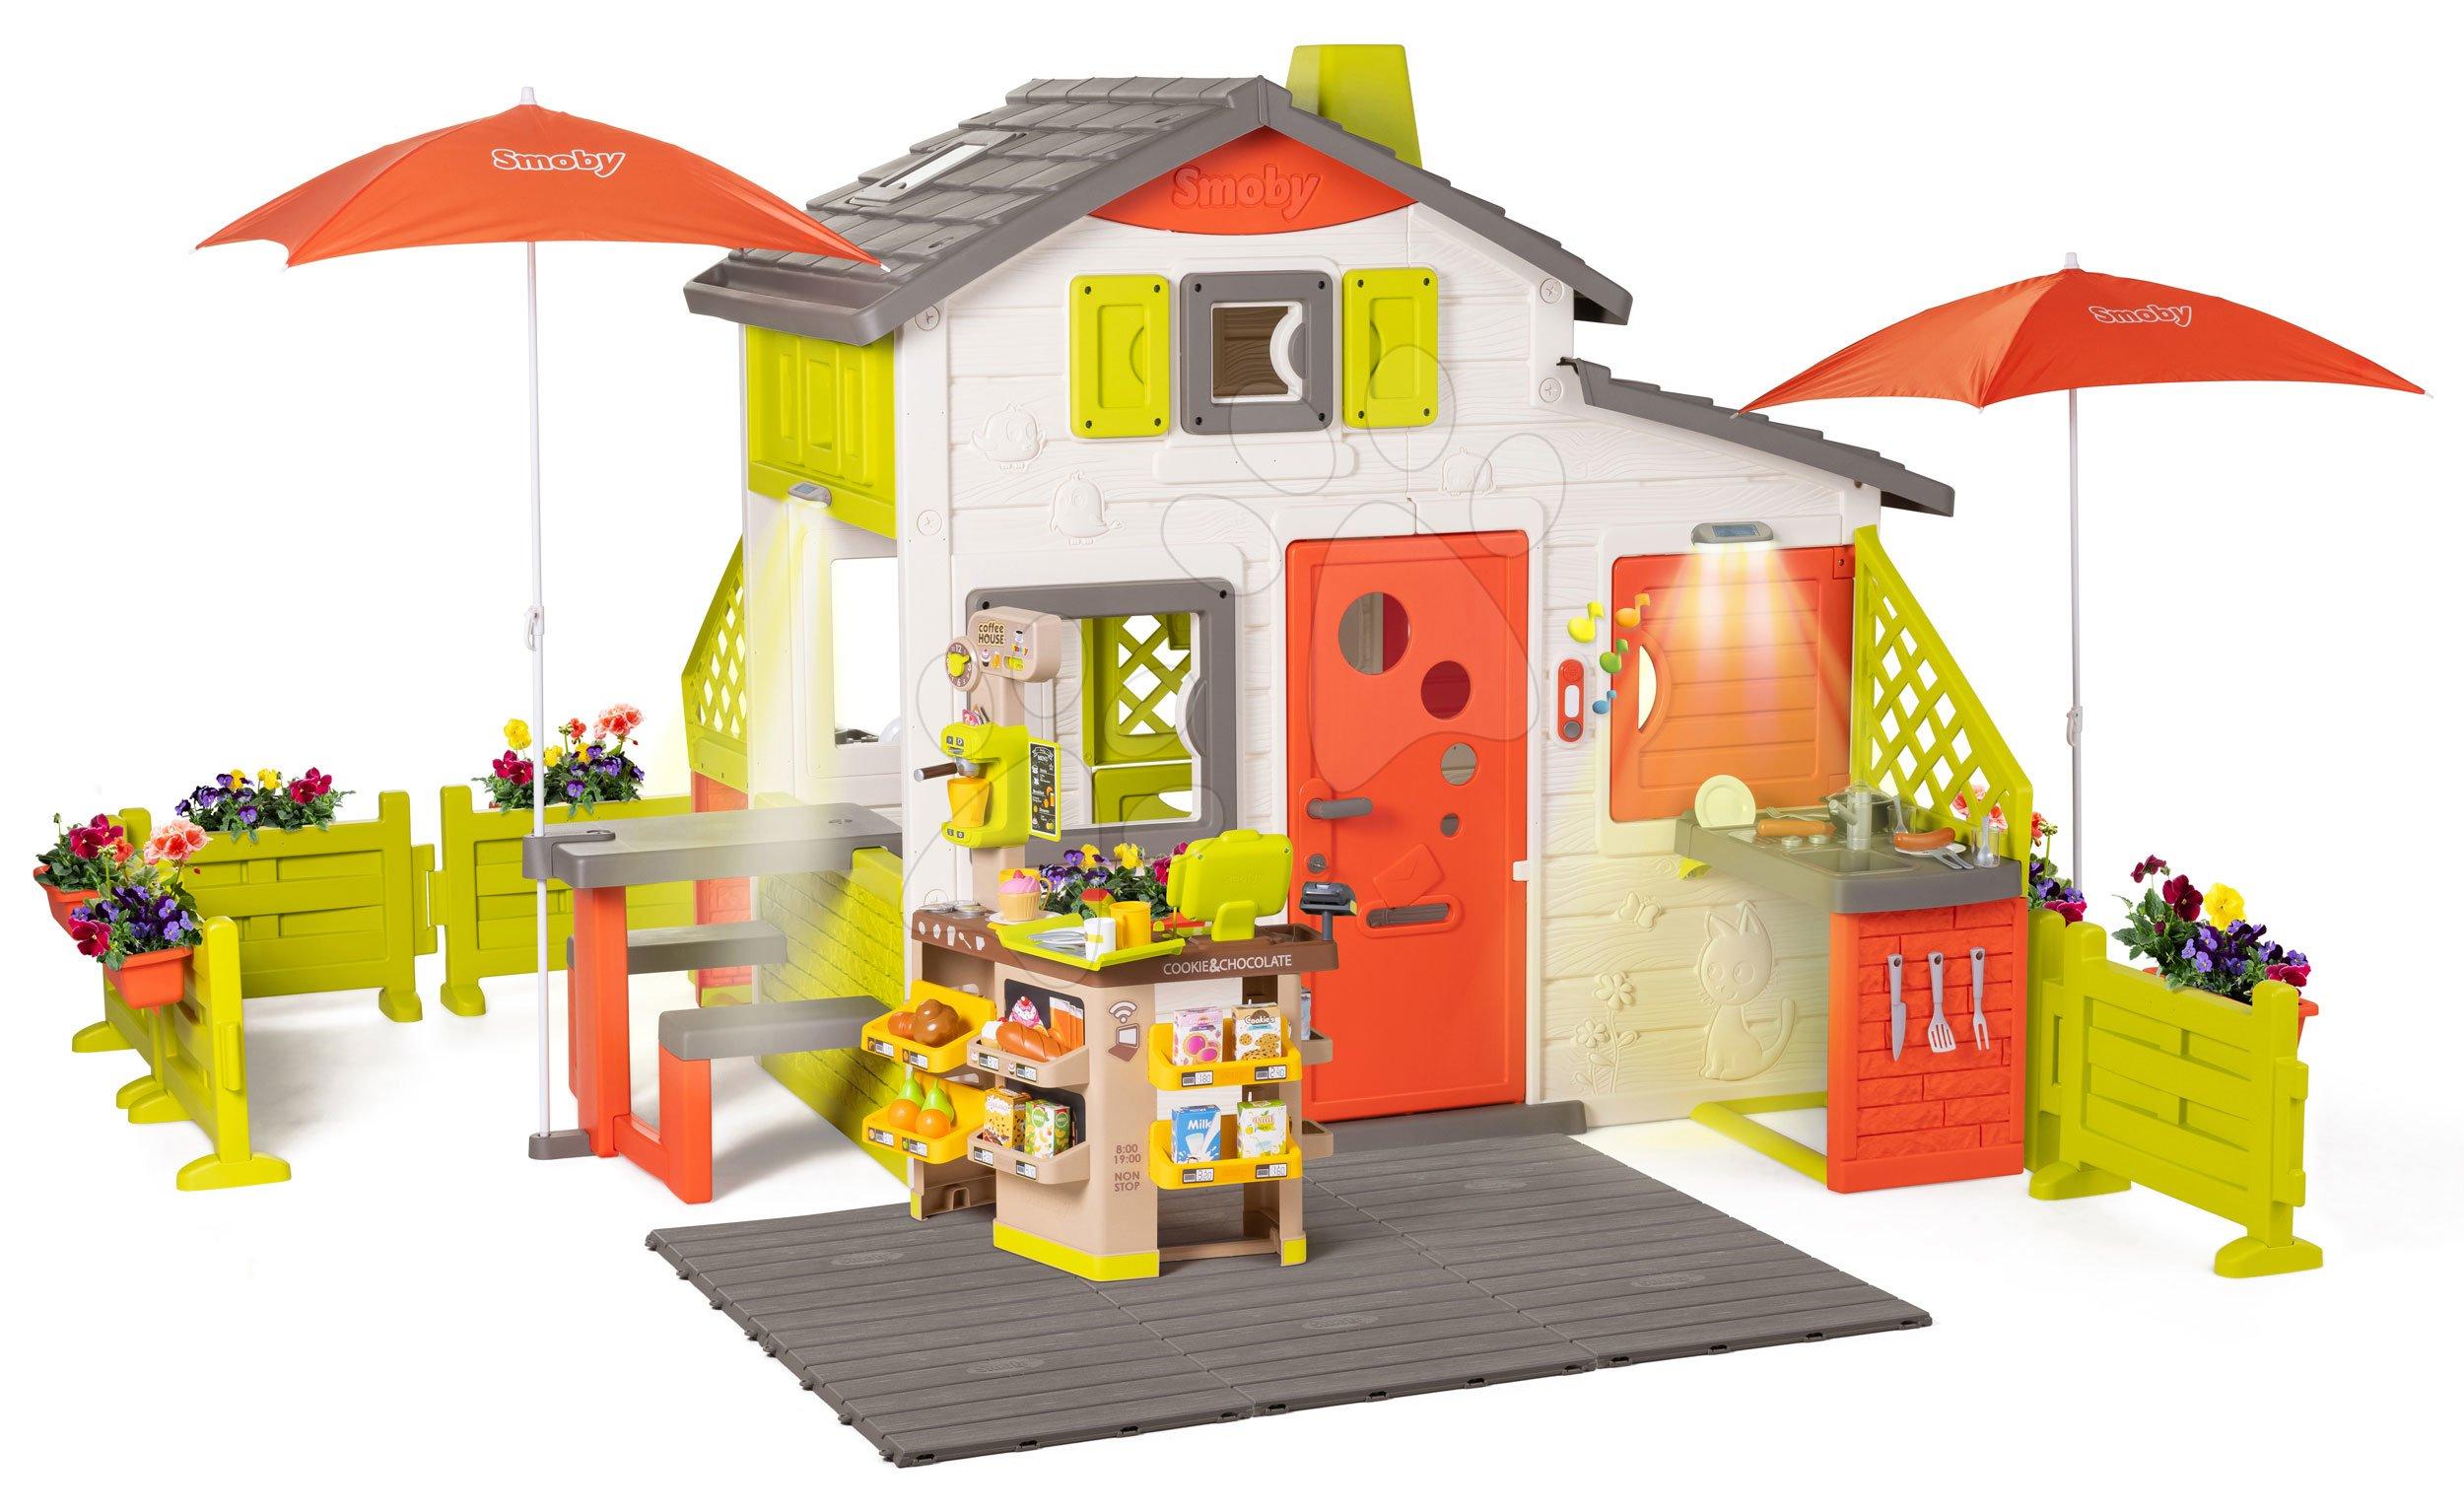 Domček Neo Friends House DeLuxe Smoby s Bio kaviarňou a kuchynka s jedálenským kútikom pod slnečníkmi